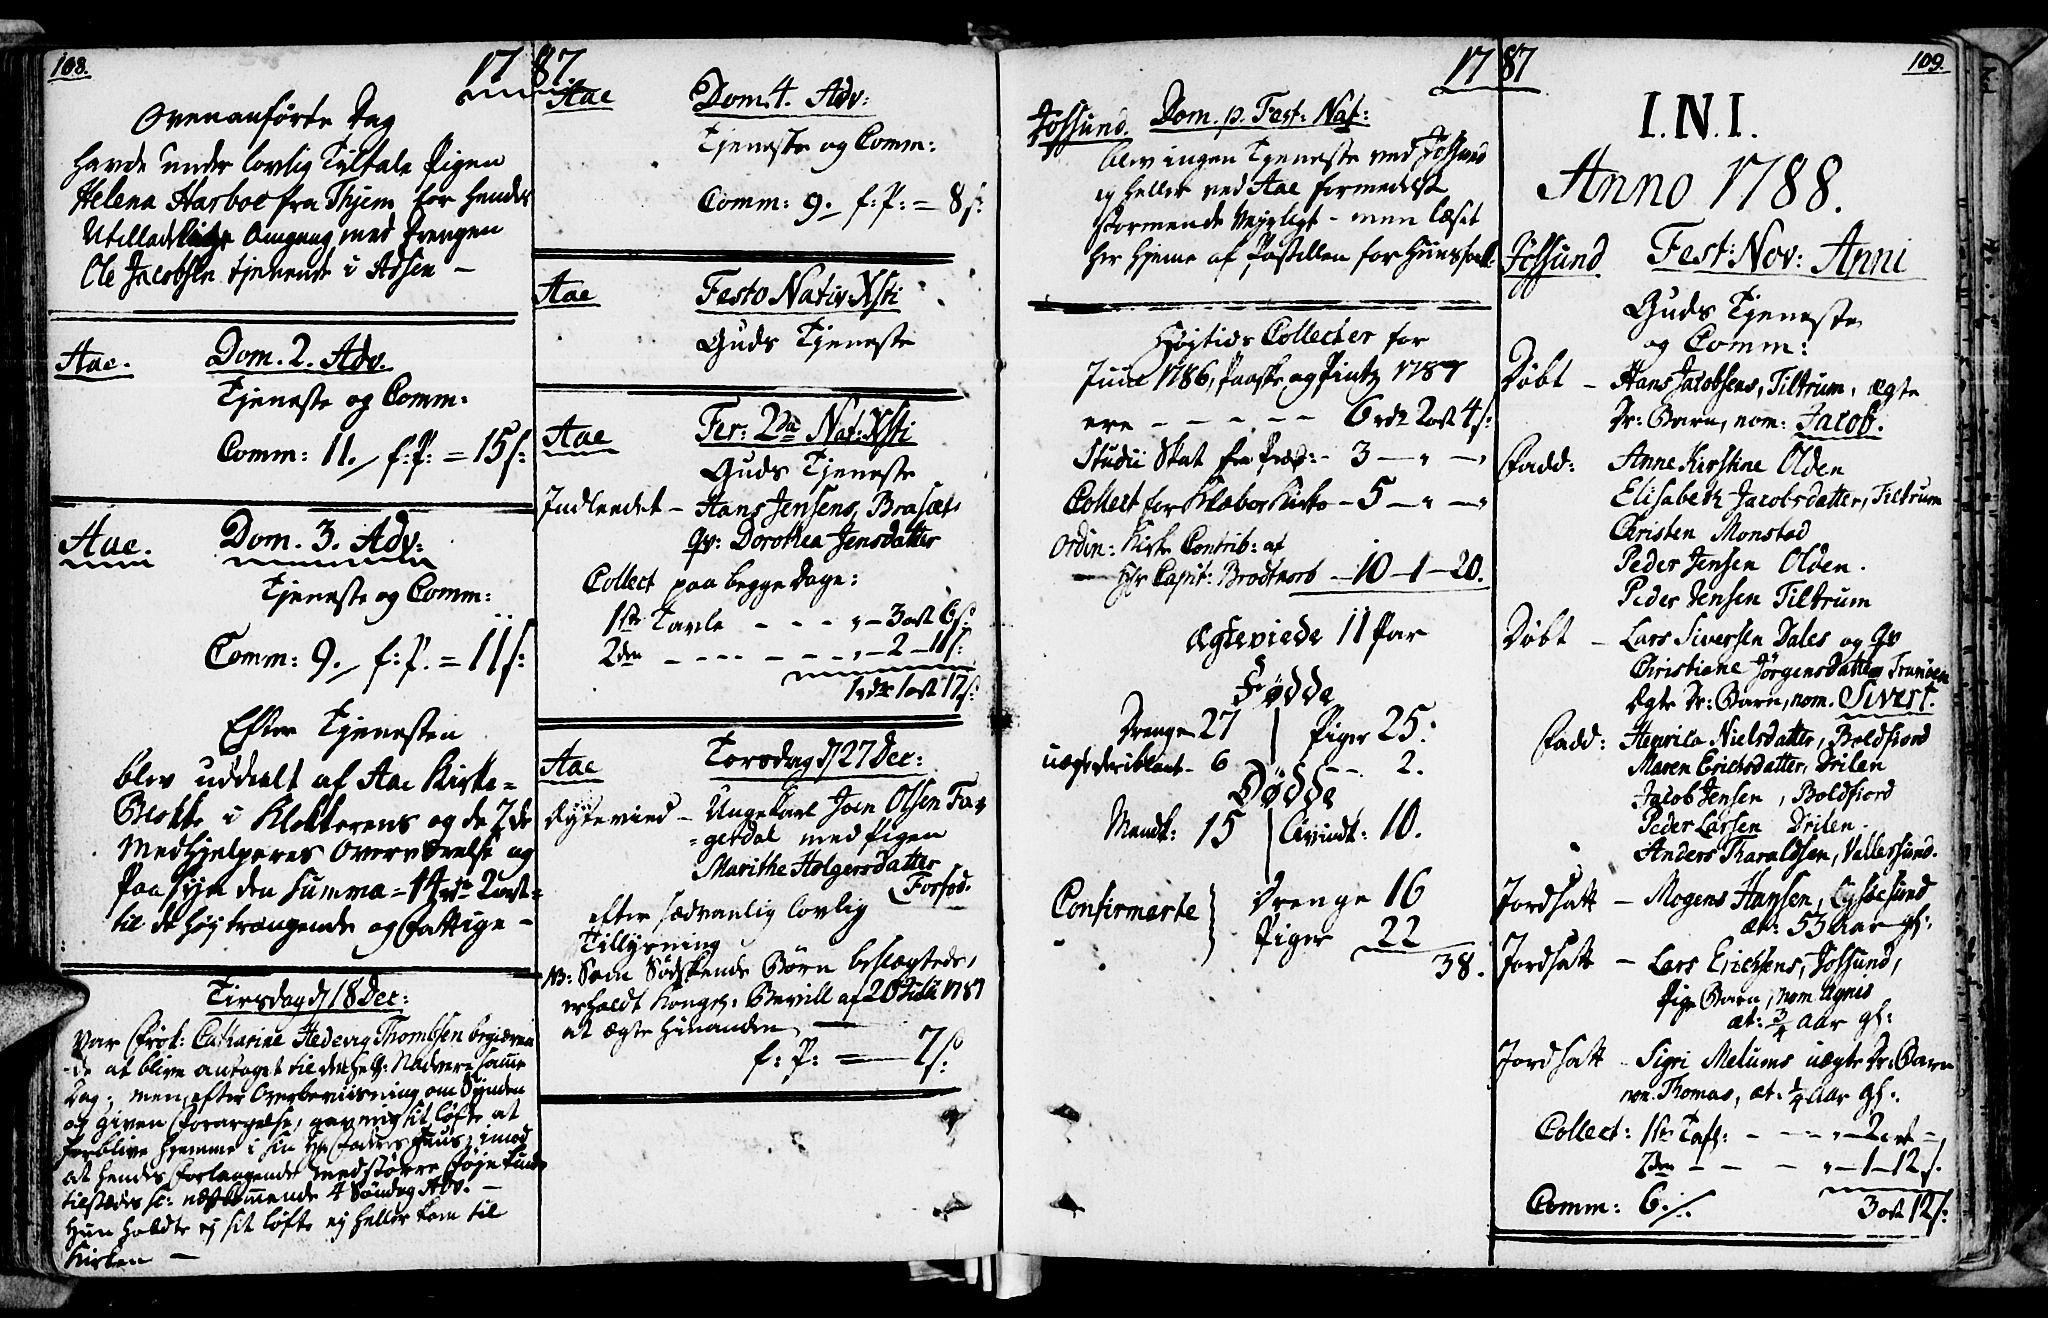 SAT, Ministerialprotokoller, klokkerbøker og fødselsregistre - Sør-Trøndelag, 655/L0673: Ministerialbok nr. 655A02, 1780-1801, s. 108-109